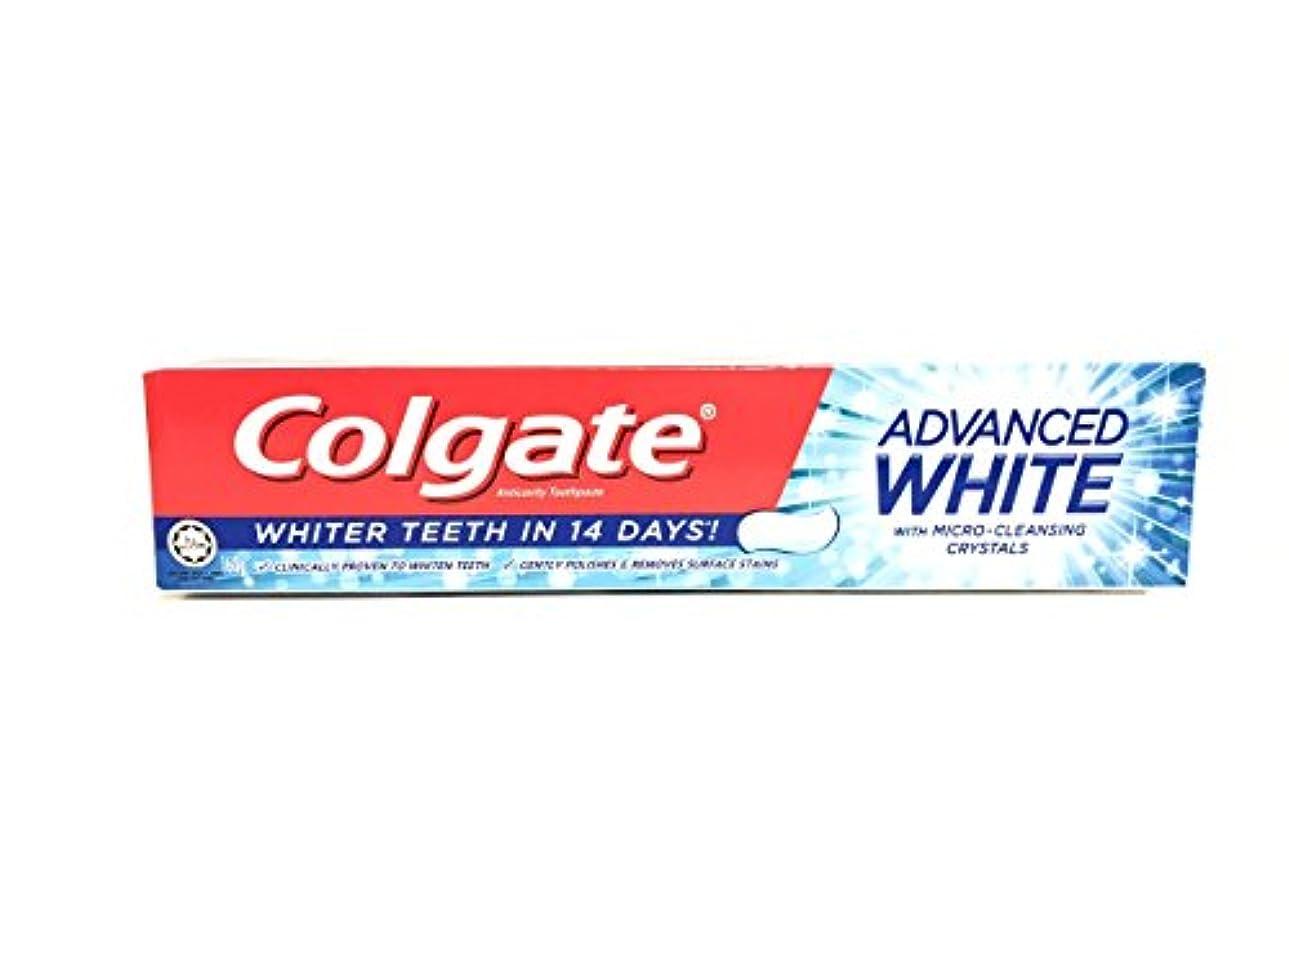 パンダしがみつく好む[ARTASY WORKSHOP®][並行輸入品] Colgate コルゲート 歯磨き粉 美白 ADVANCED WHITE 美白歯磨剤 虫歯予防 歯周病ケア 口臭改善 ホワイトニング (ADVANCED WHITE)